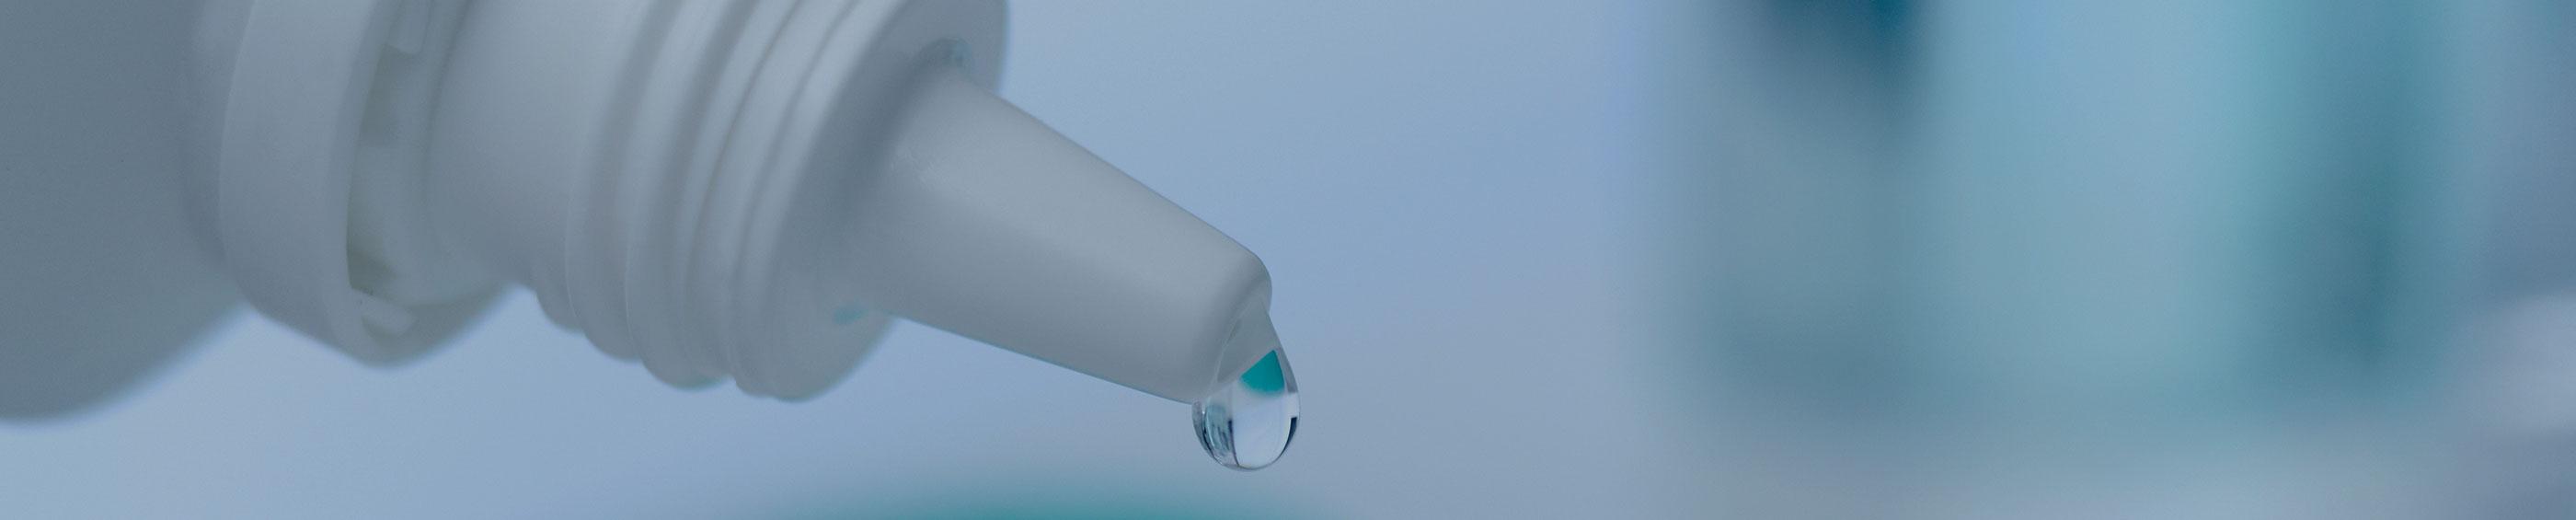 La solución para lentes de contactos cae en un estuche de lentes de contacto